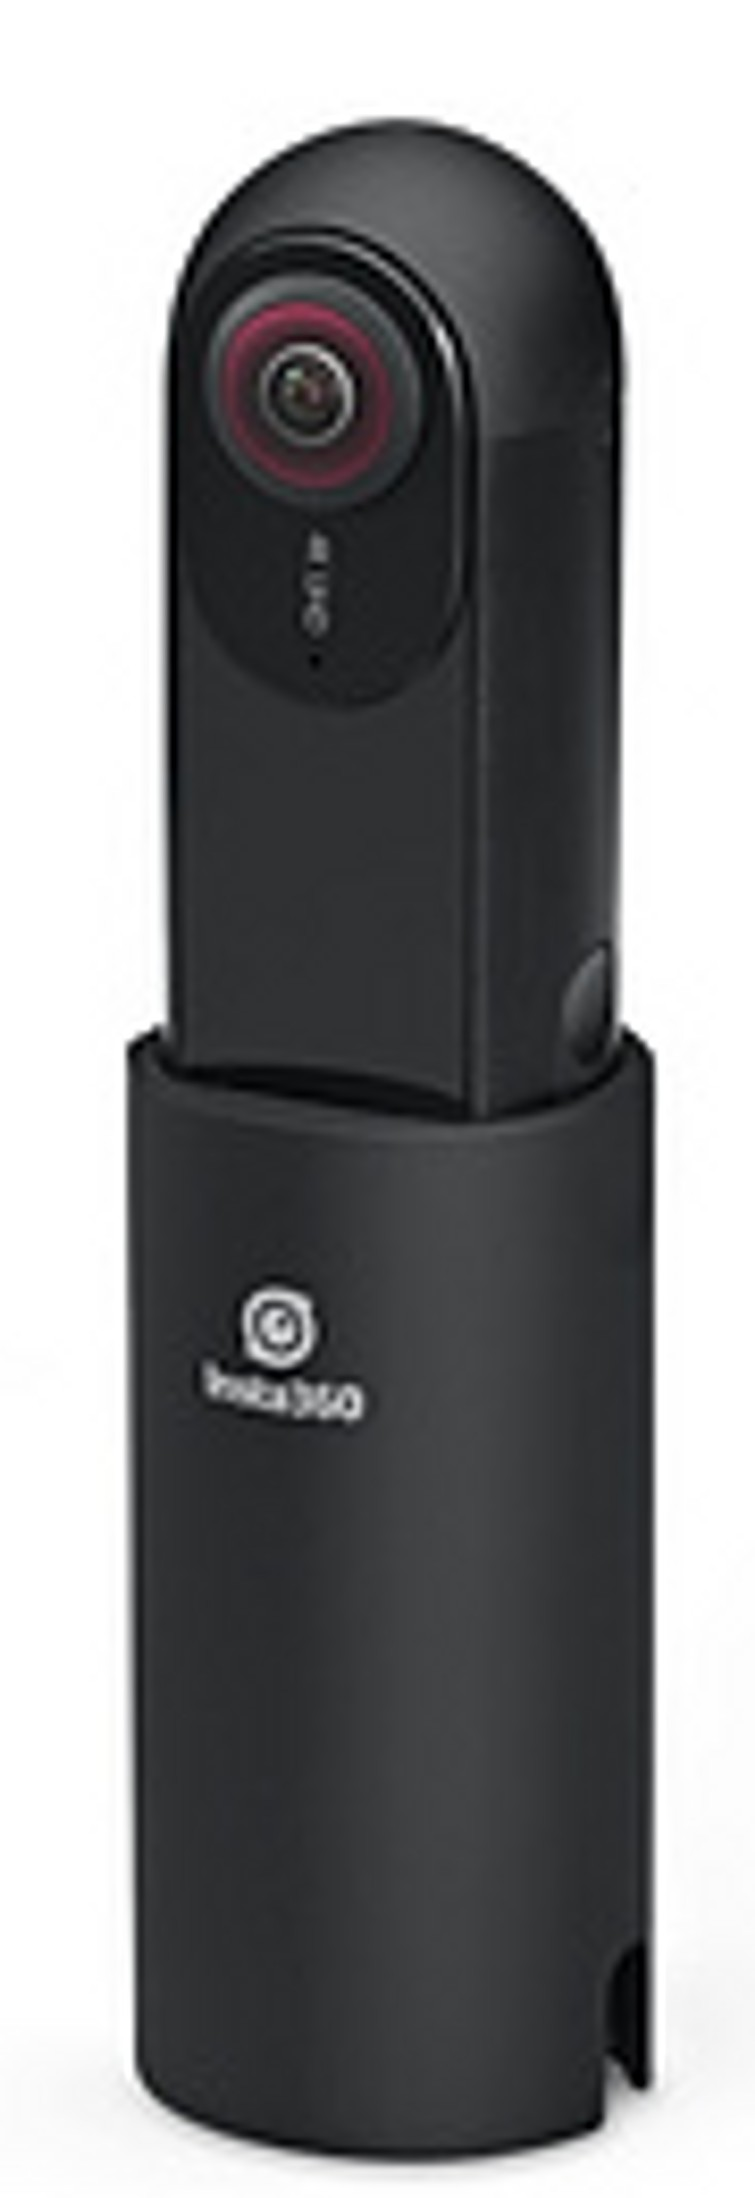 Insta 360 One (360 graden camera)